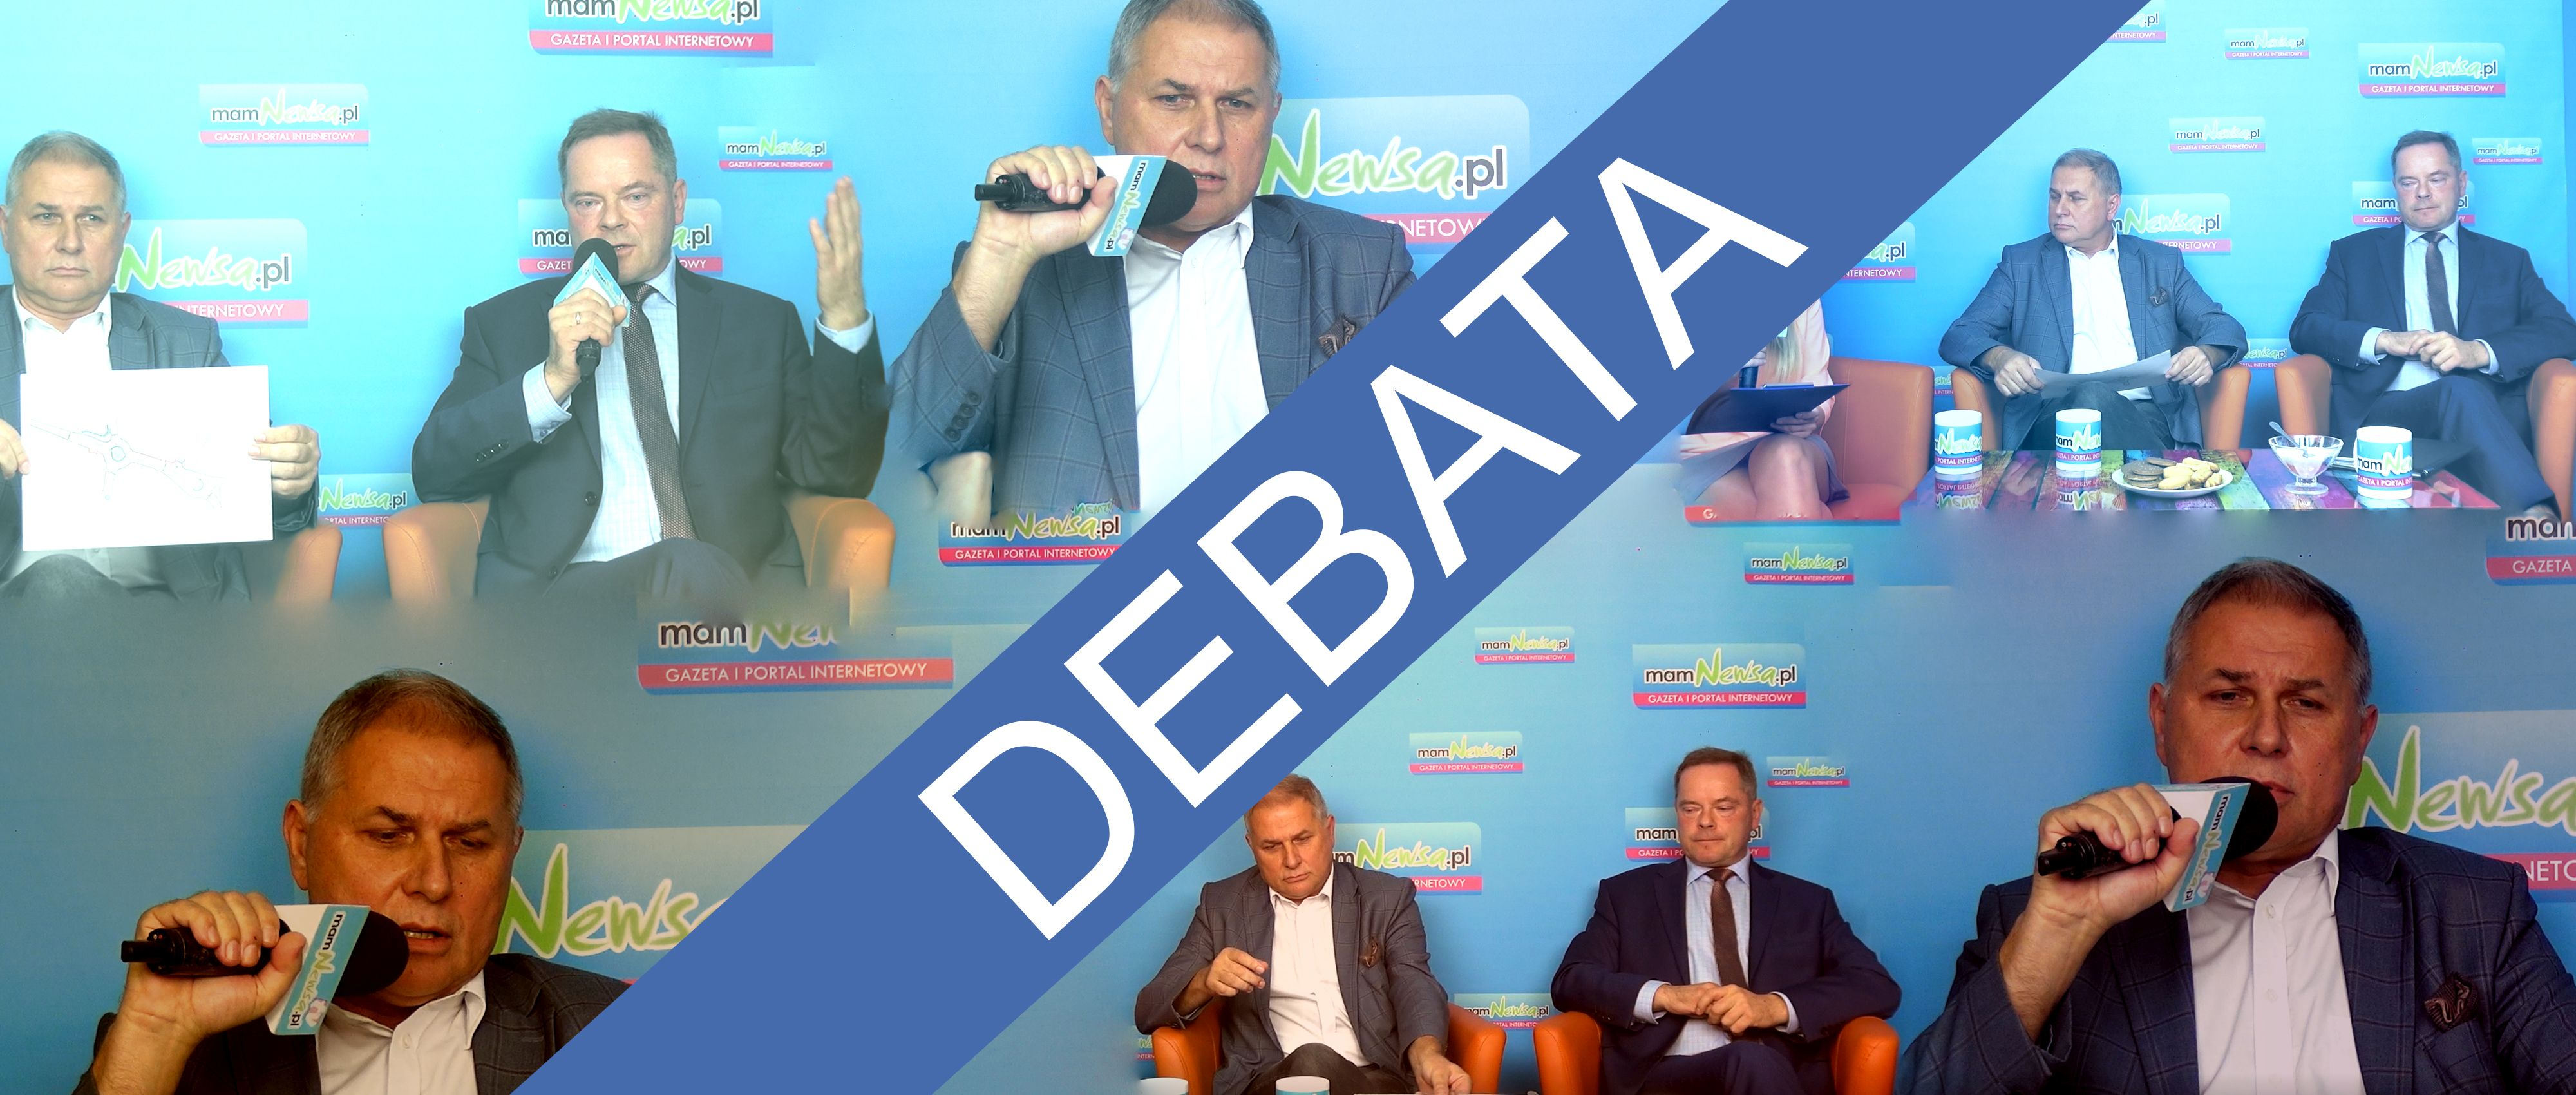 Decydująca debata w Andrychowie. Krzysztof Kubień kontra Tomasz Żak [VIDEO]